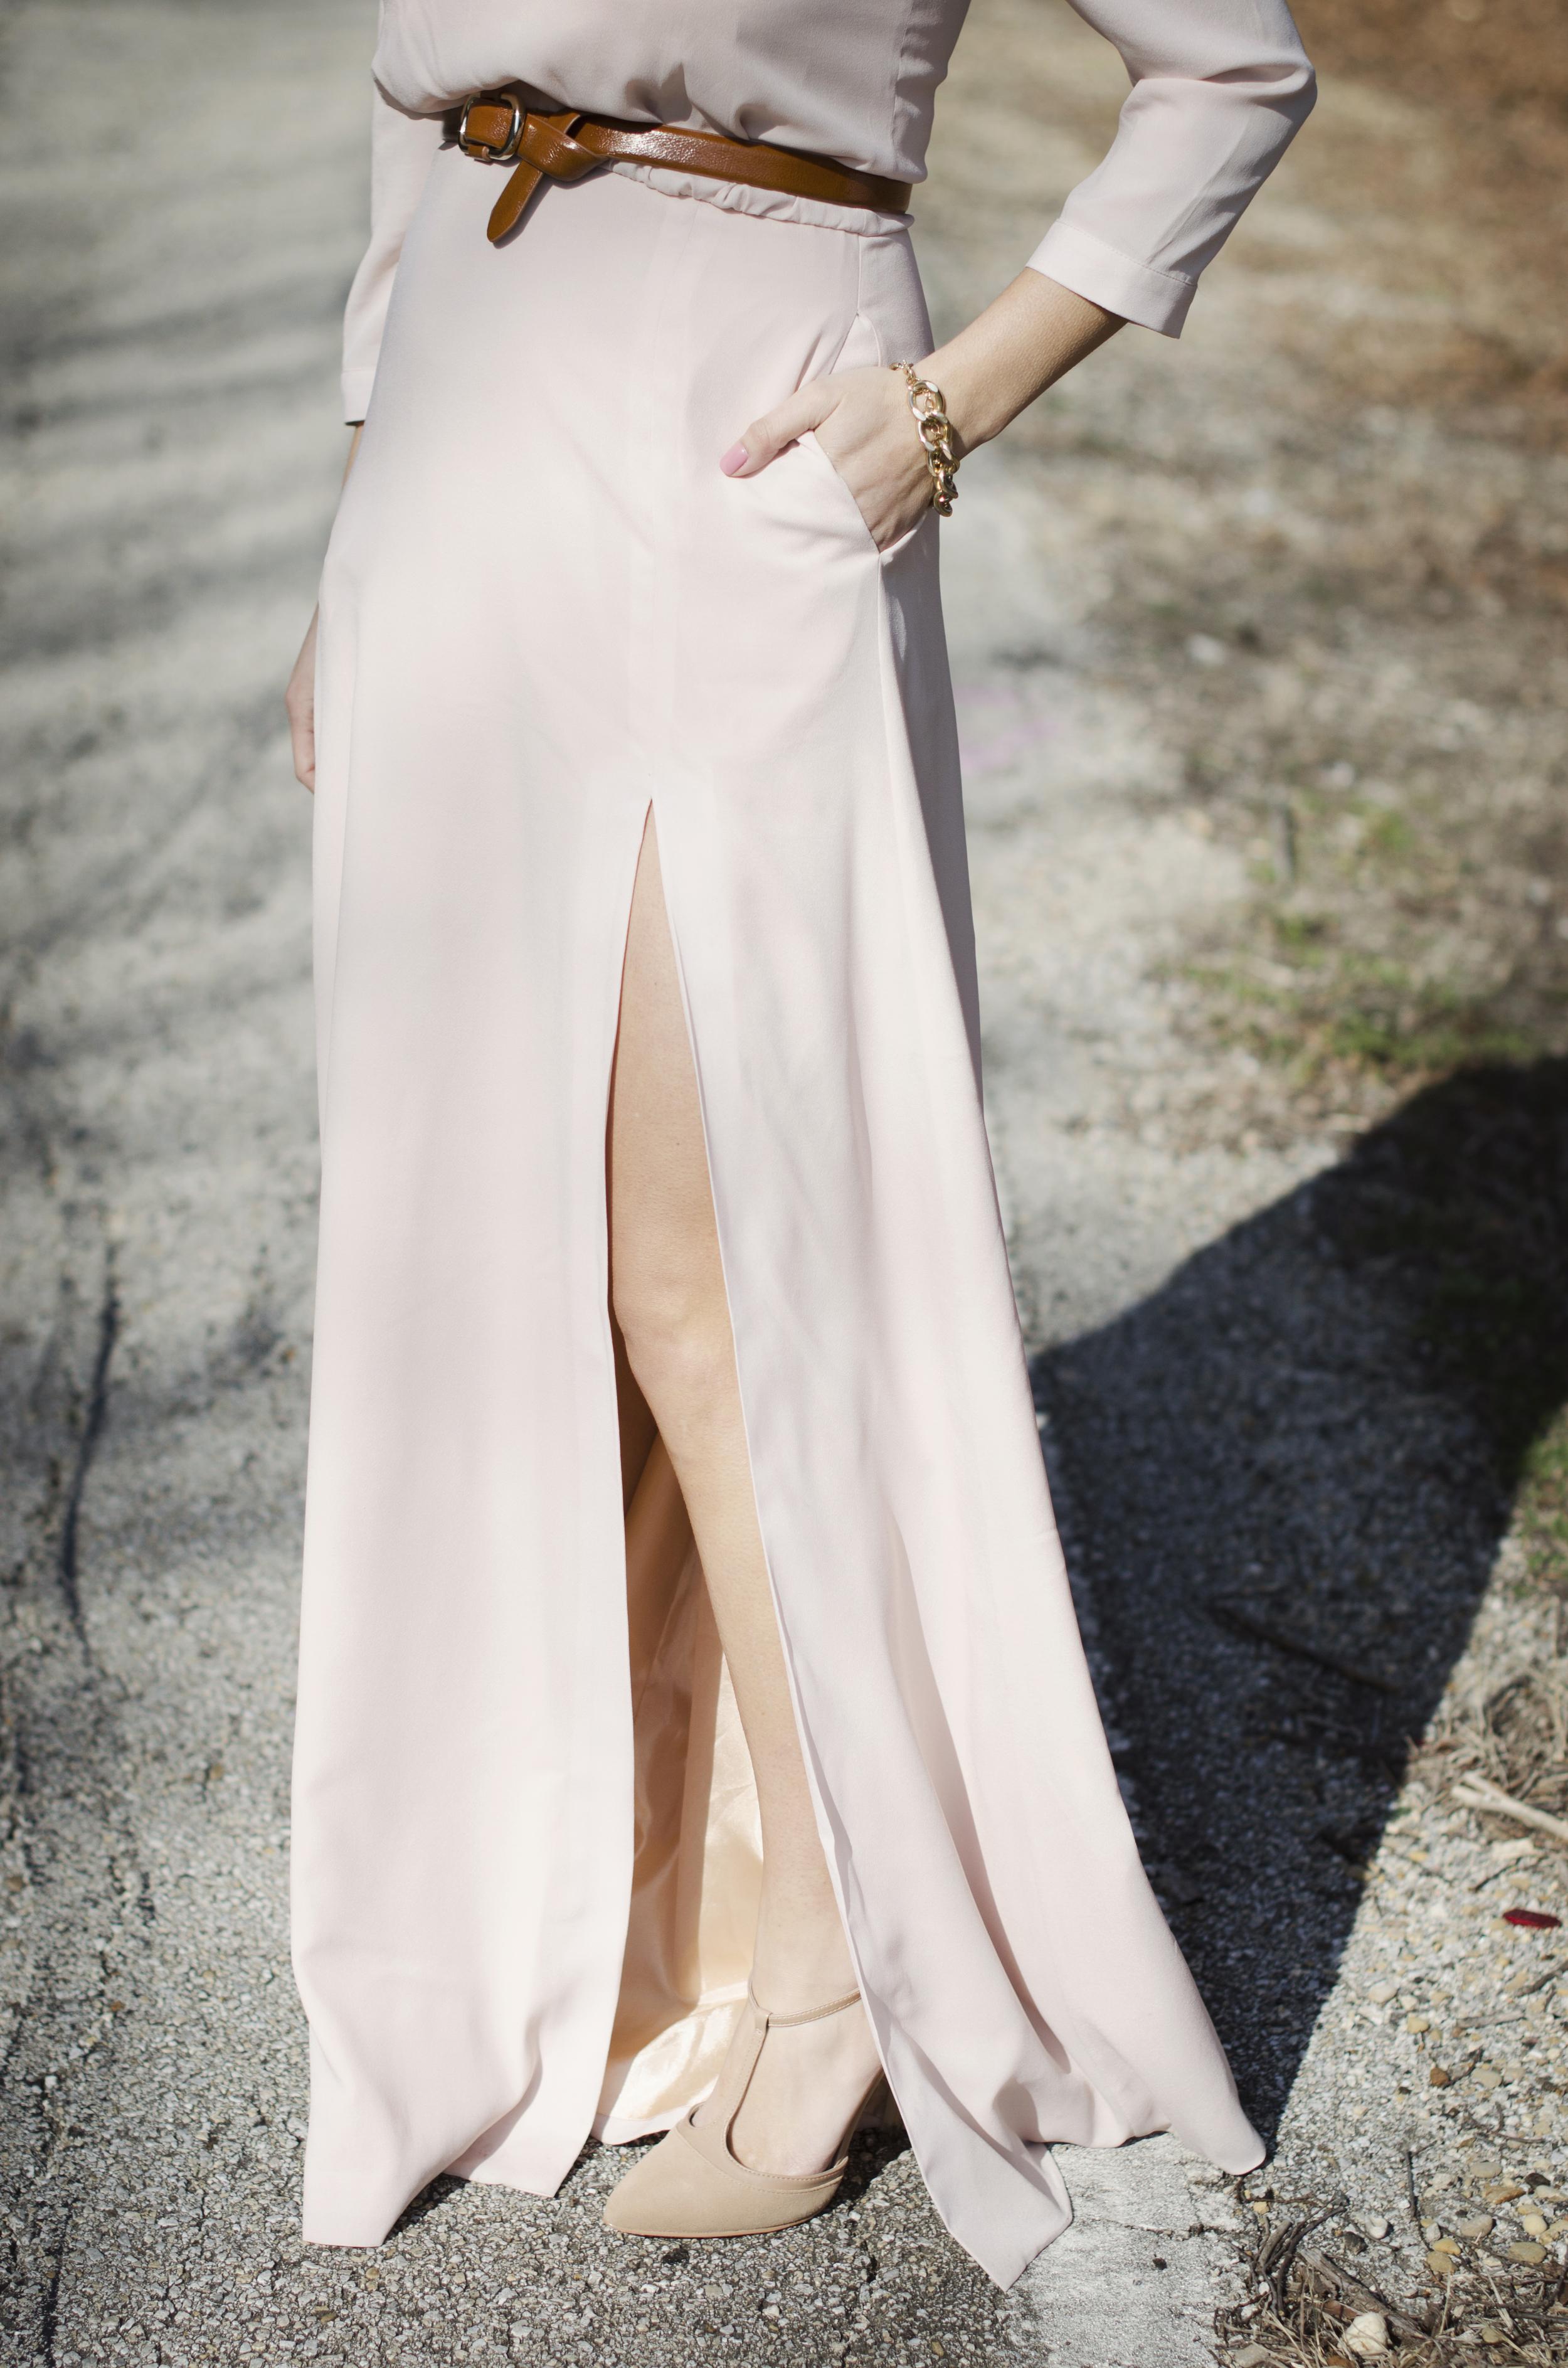 details - blush skirt slit